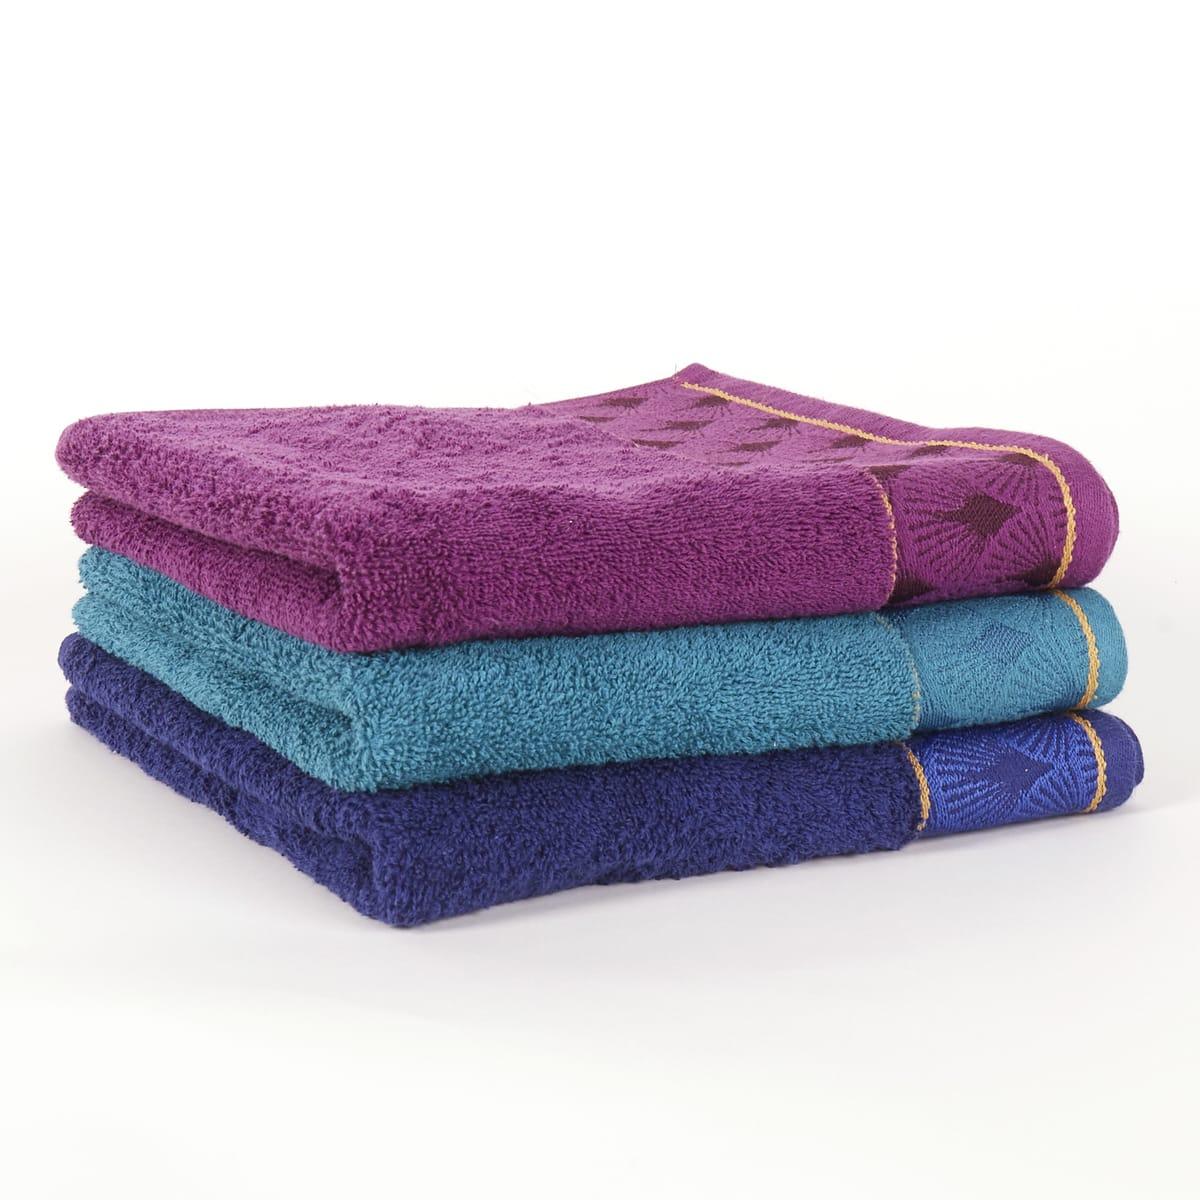 drap de bain actuel jacquard design en coton 70x140 cm diff rents coloris. Black Bedroom Furniture Sets. Home Design Ideas